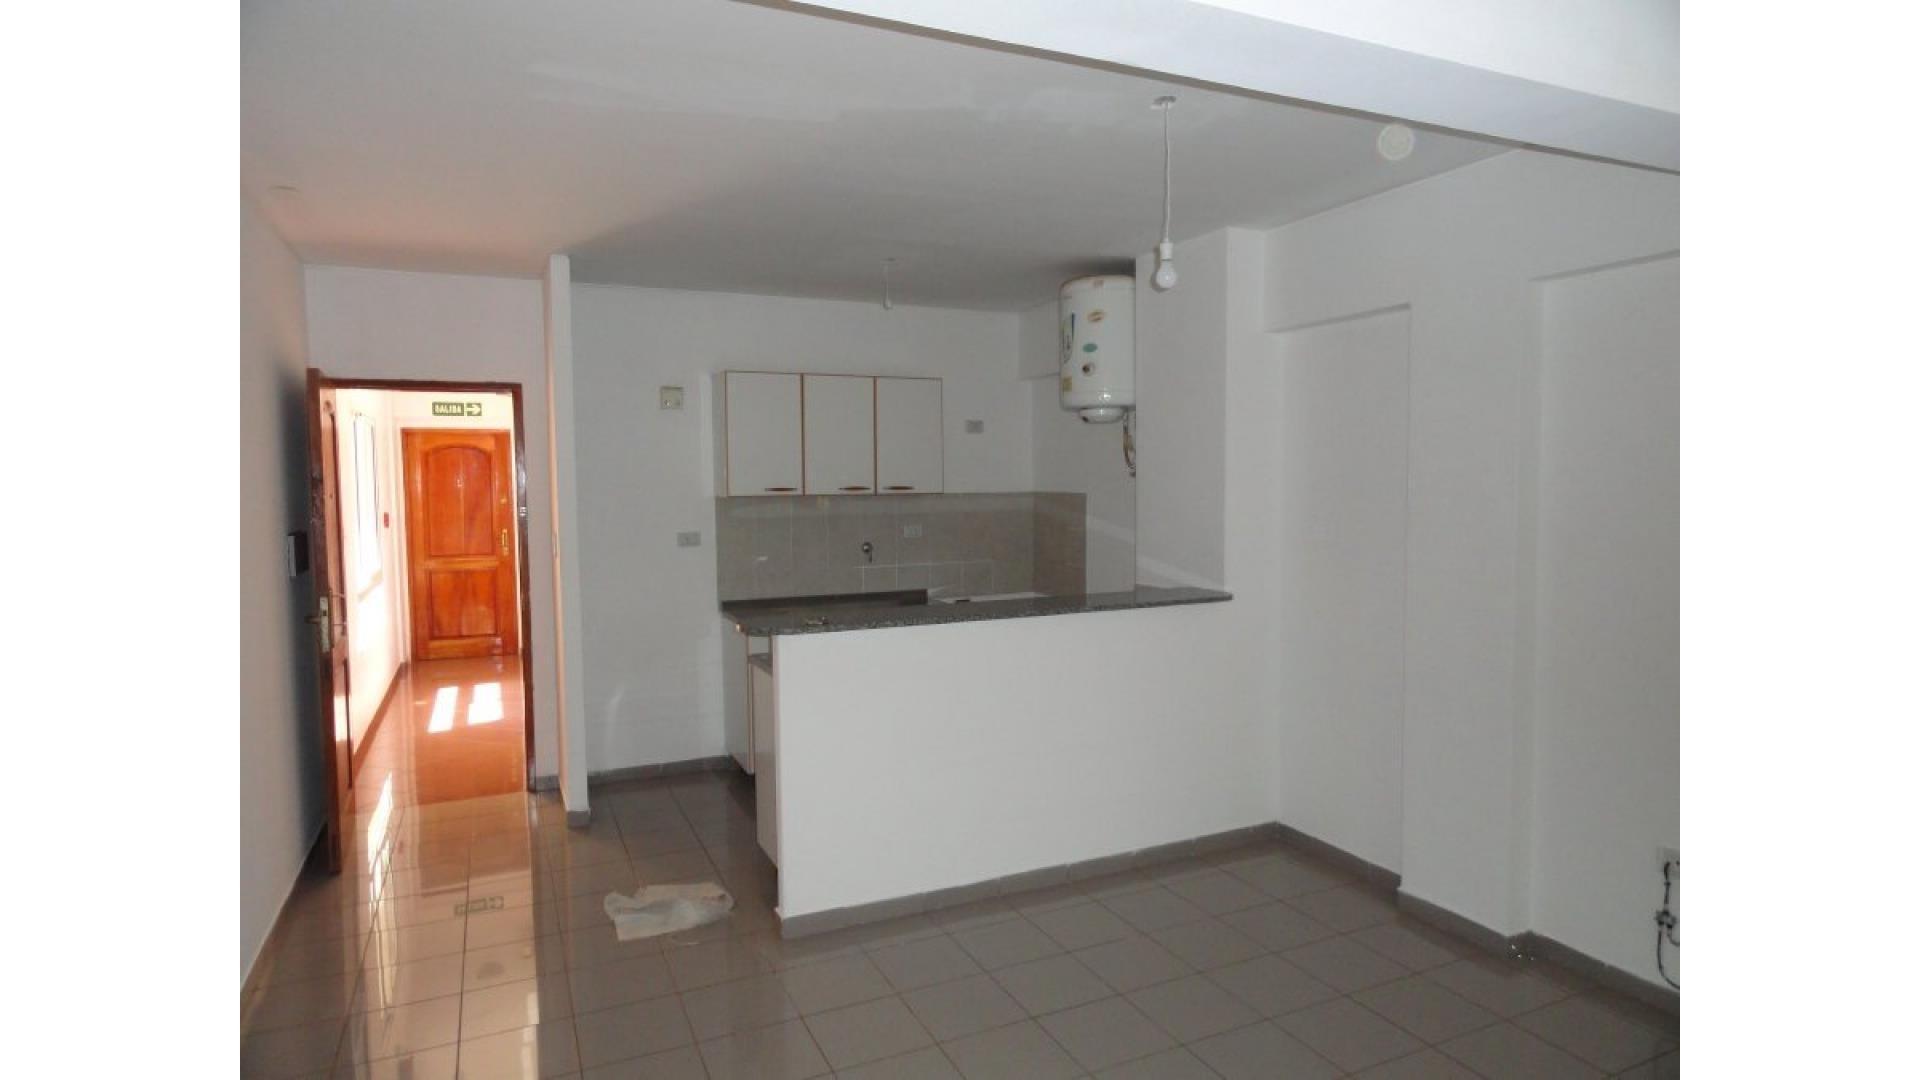 Departamento Céntrico, 2 dormitorios en Venta.-